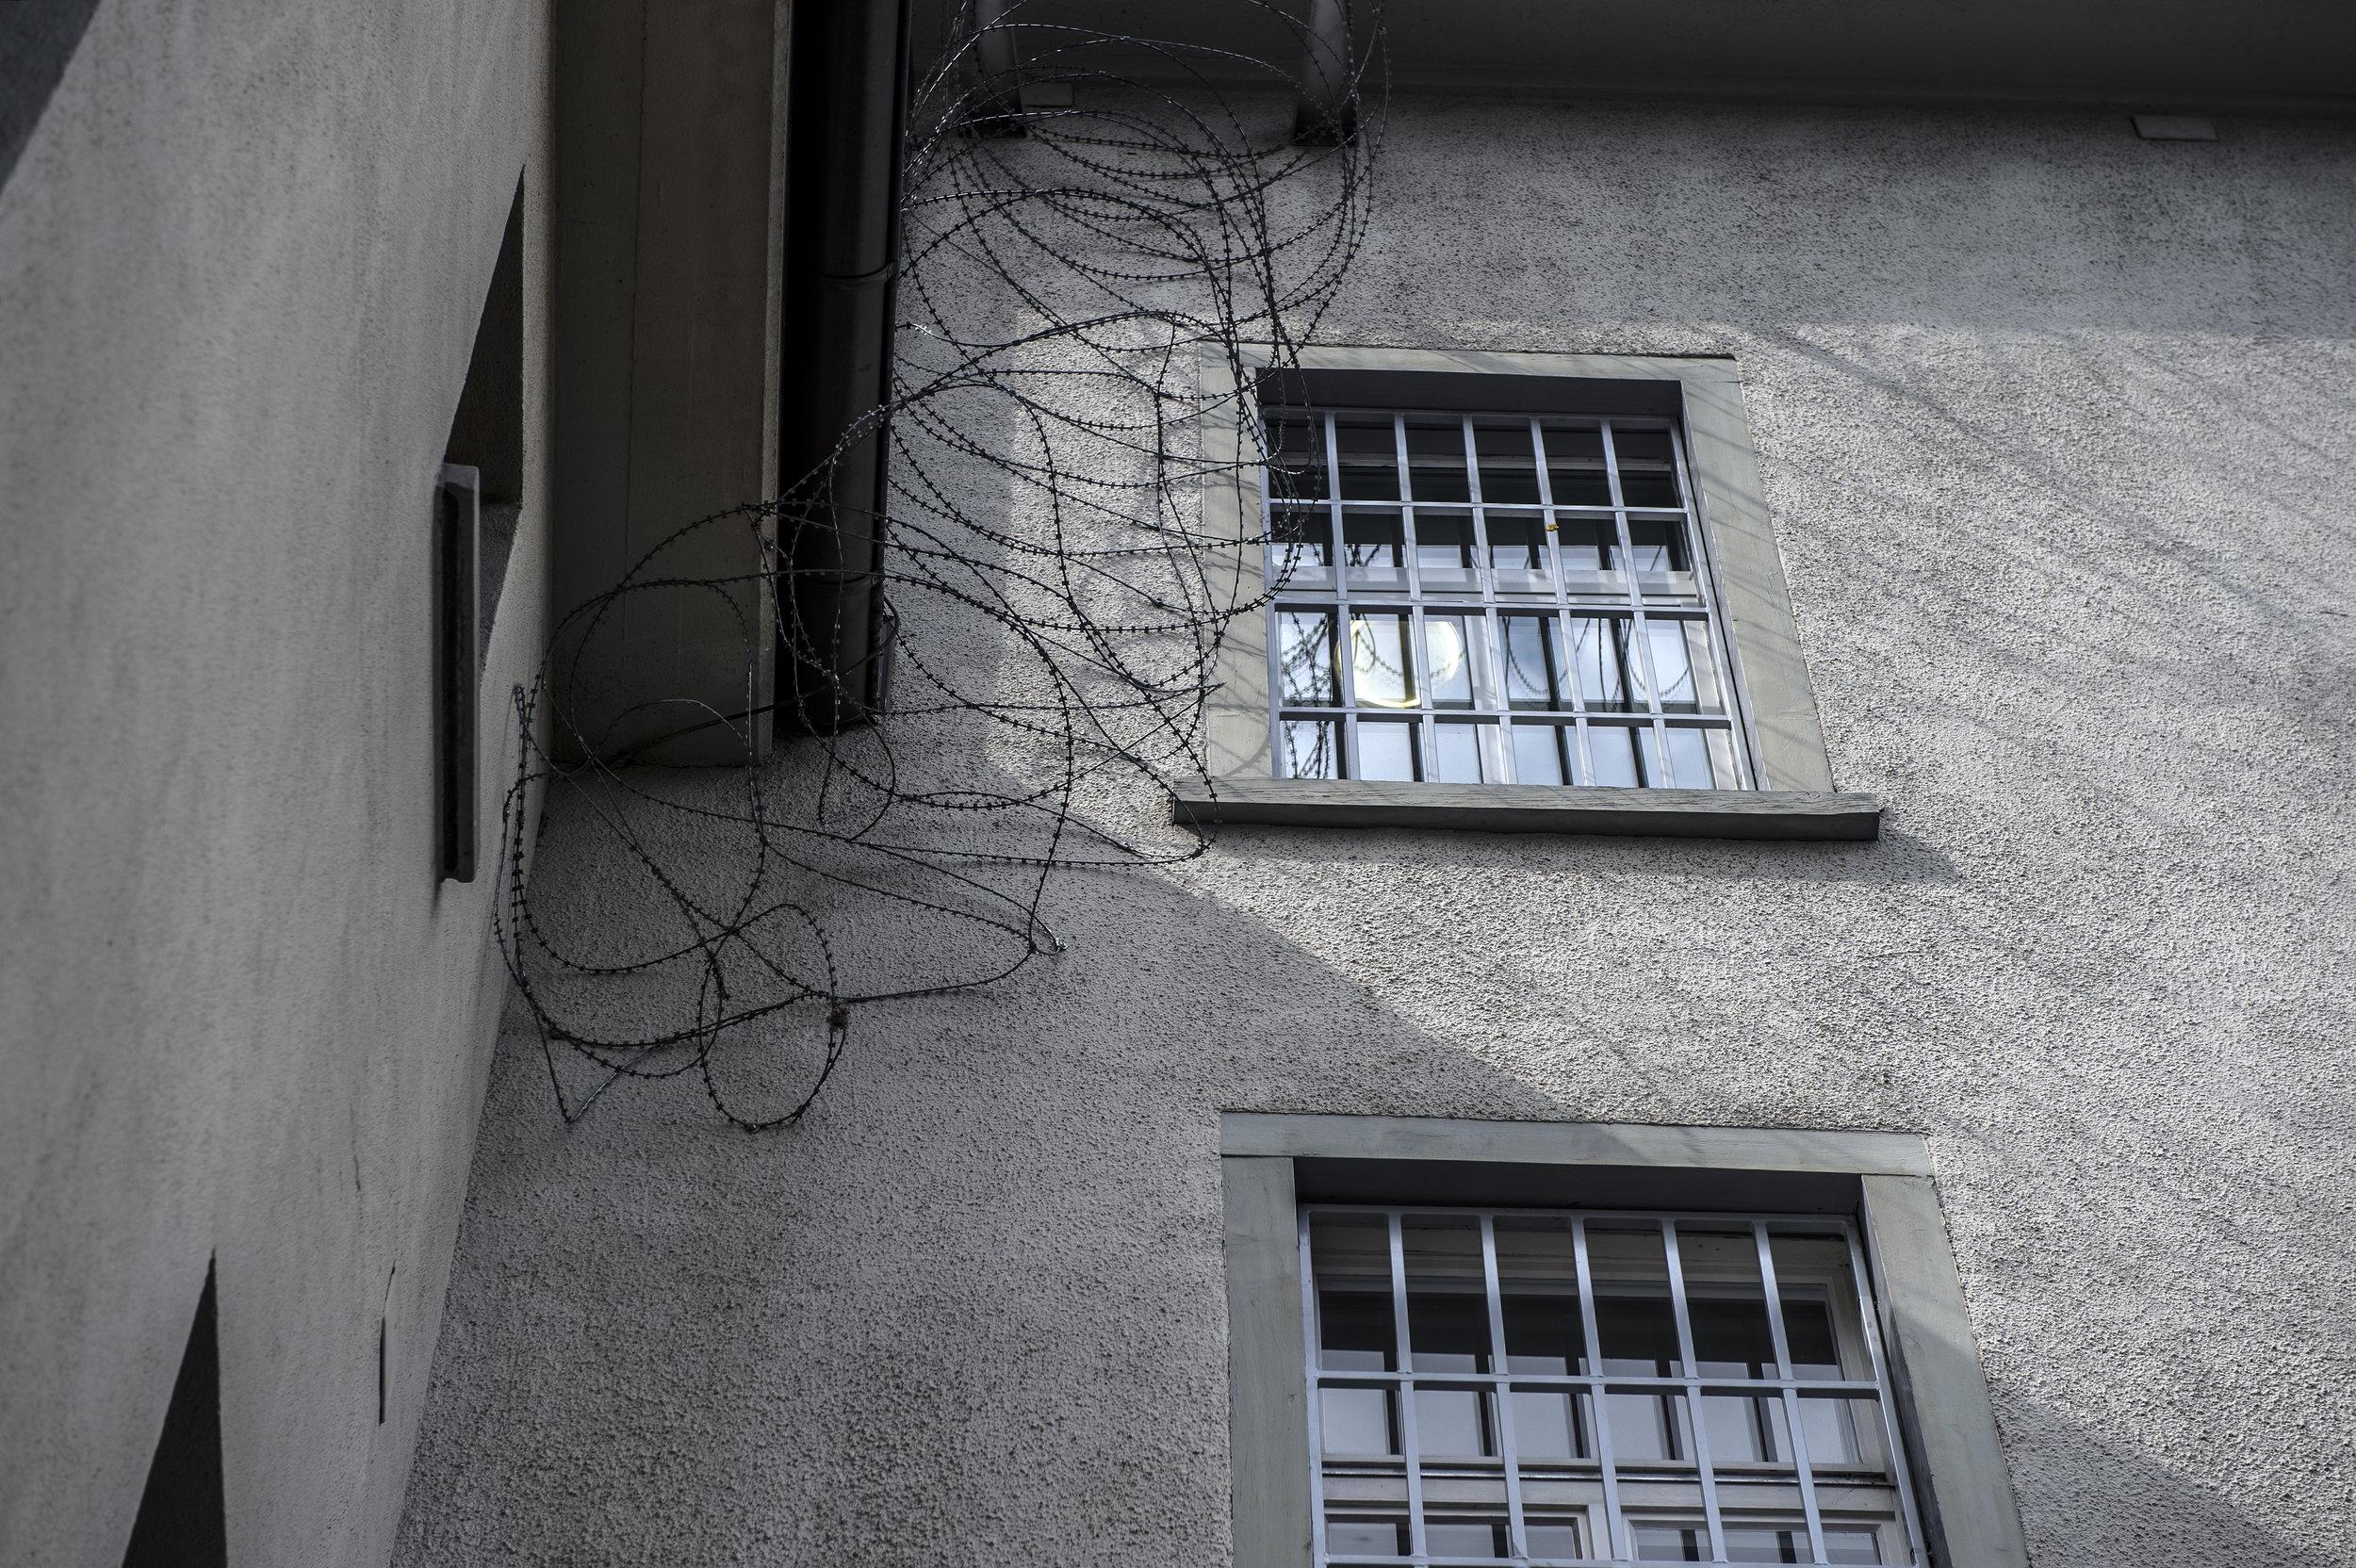 Hohe Sicherheitsvorkehrungen: Die Fenster sind vergittert, über den Mauern ist Nato-Draht gezogen. Ein Drahtrolle, die im Unterschied zum herkömmlichen Stacheldraht mit Klingen besetzt ist.